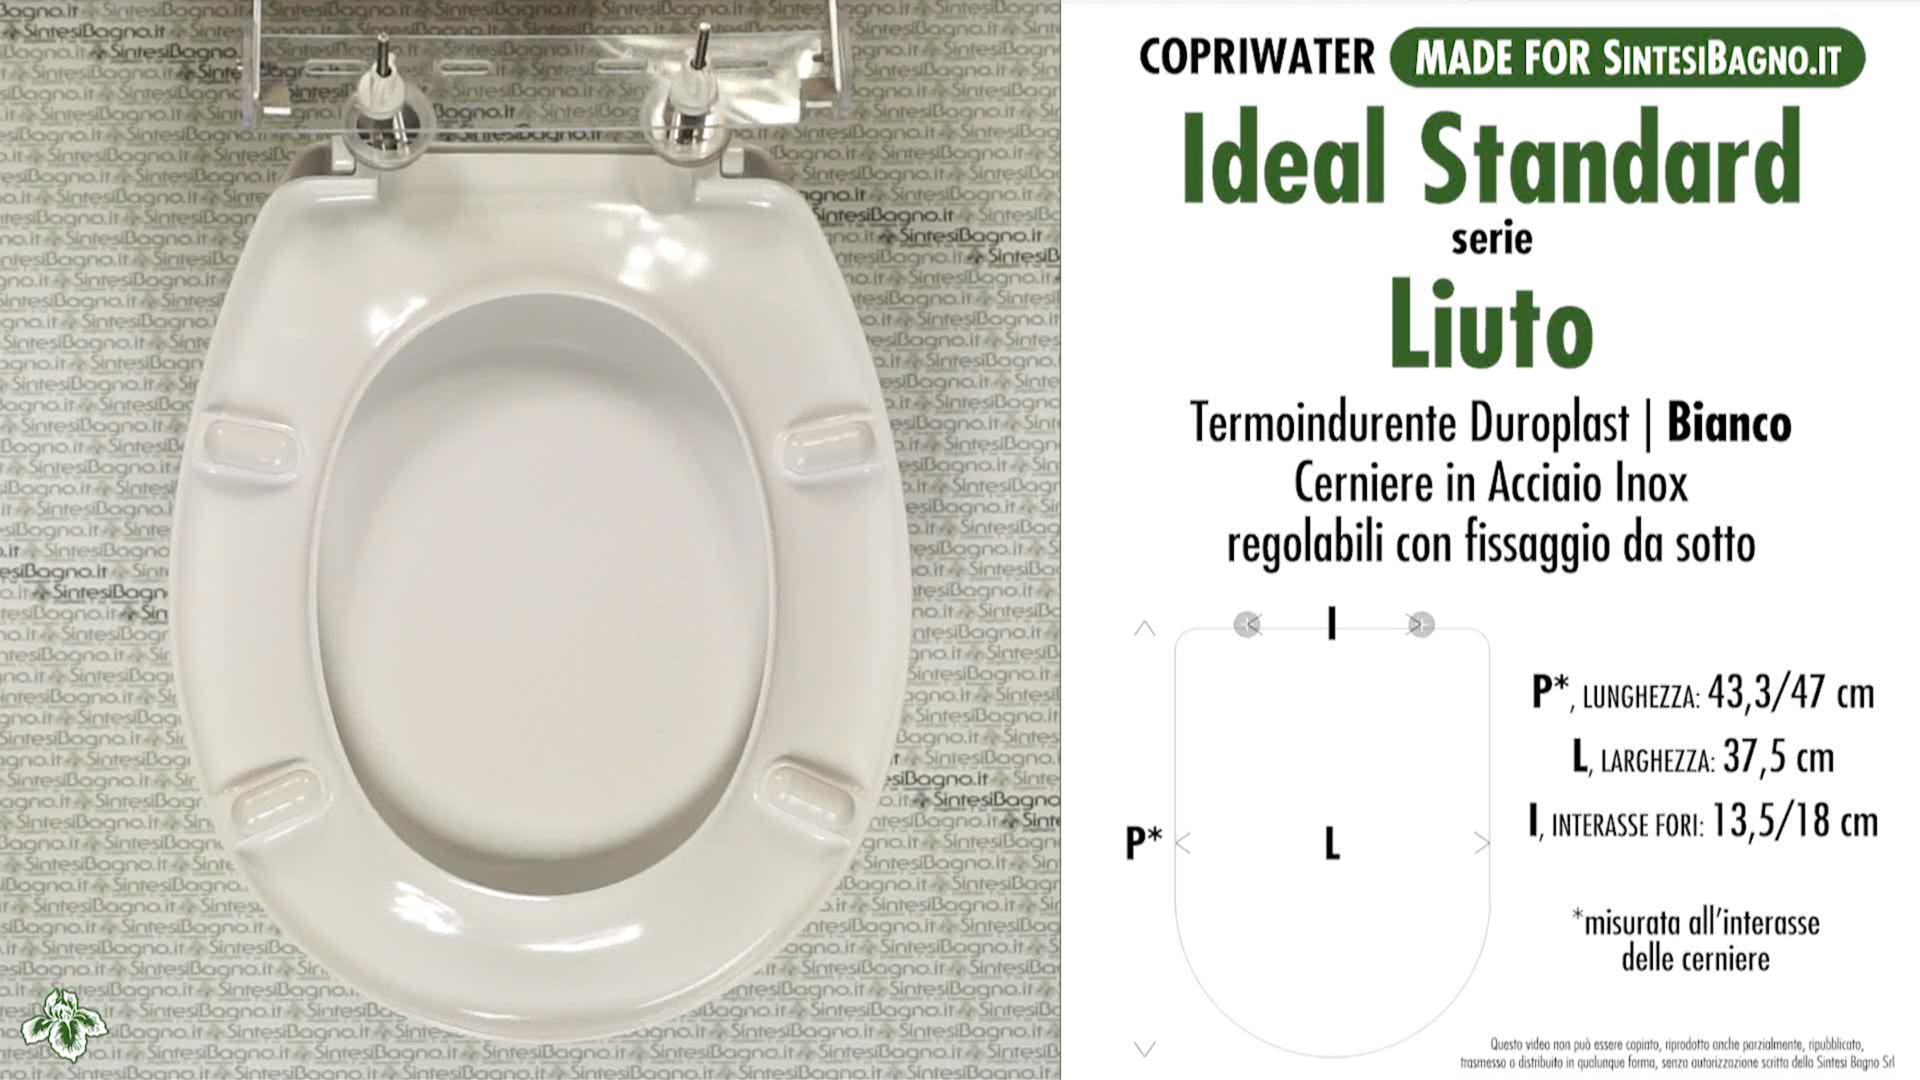 SCHEDE TECNICHE misure copriwater IDEAL STANDARD serie LIUTO